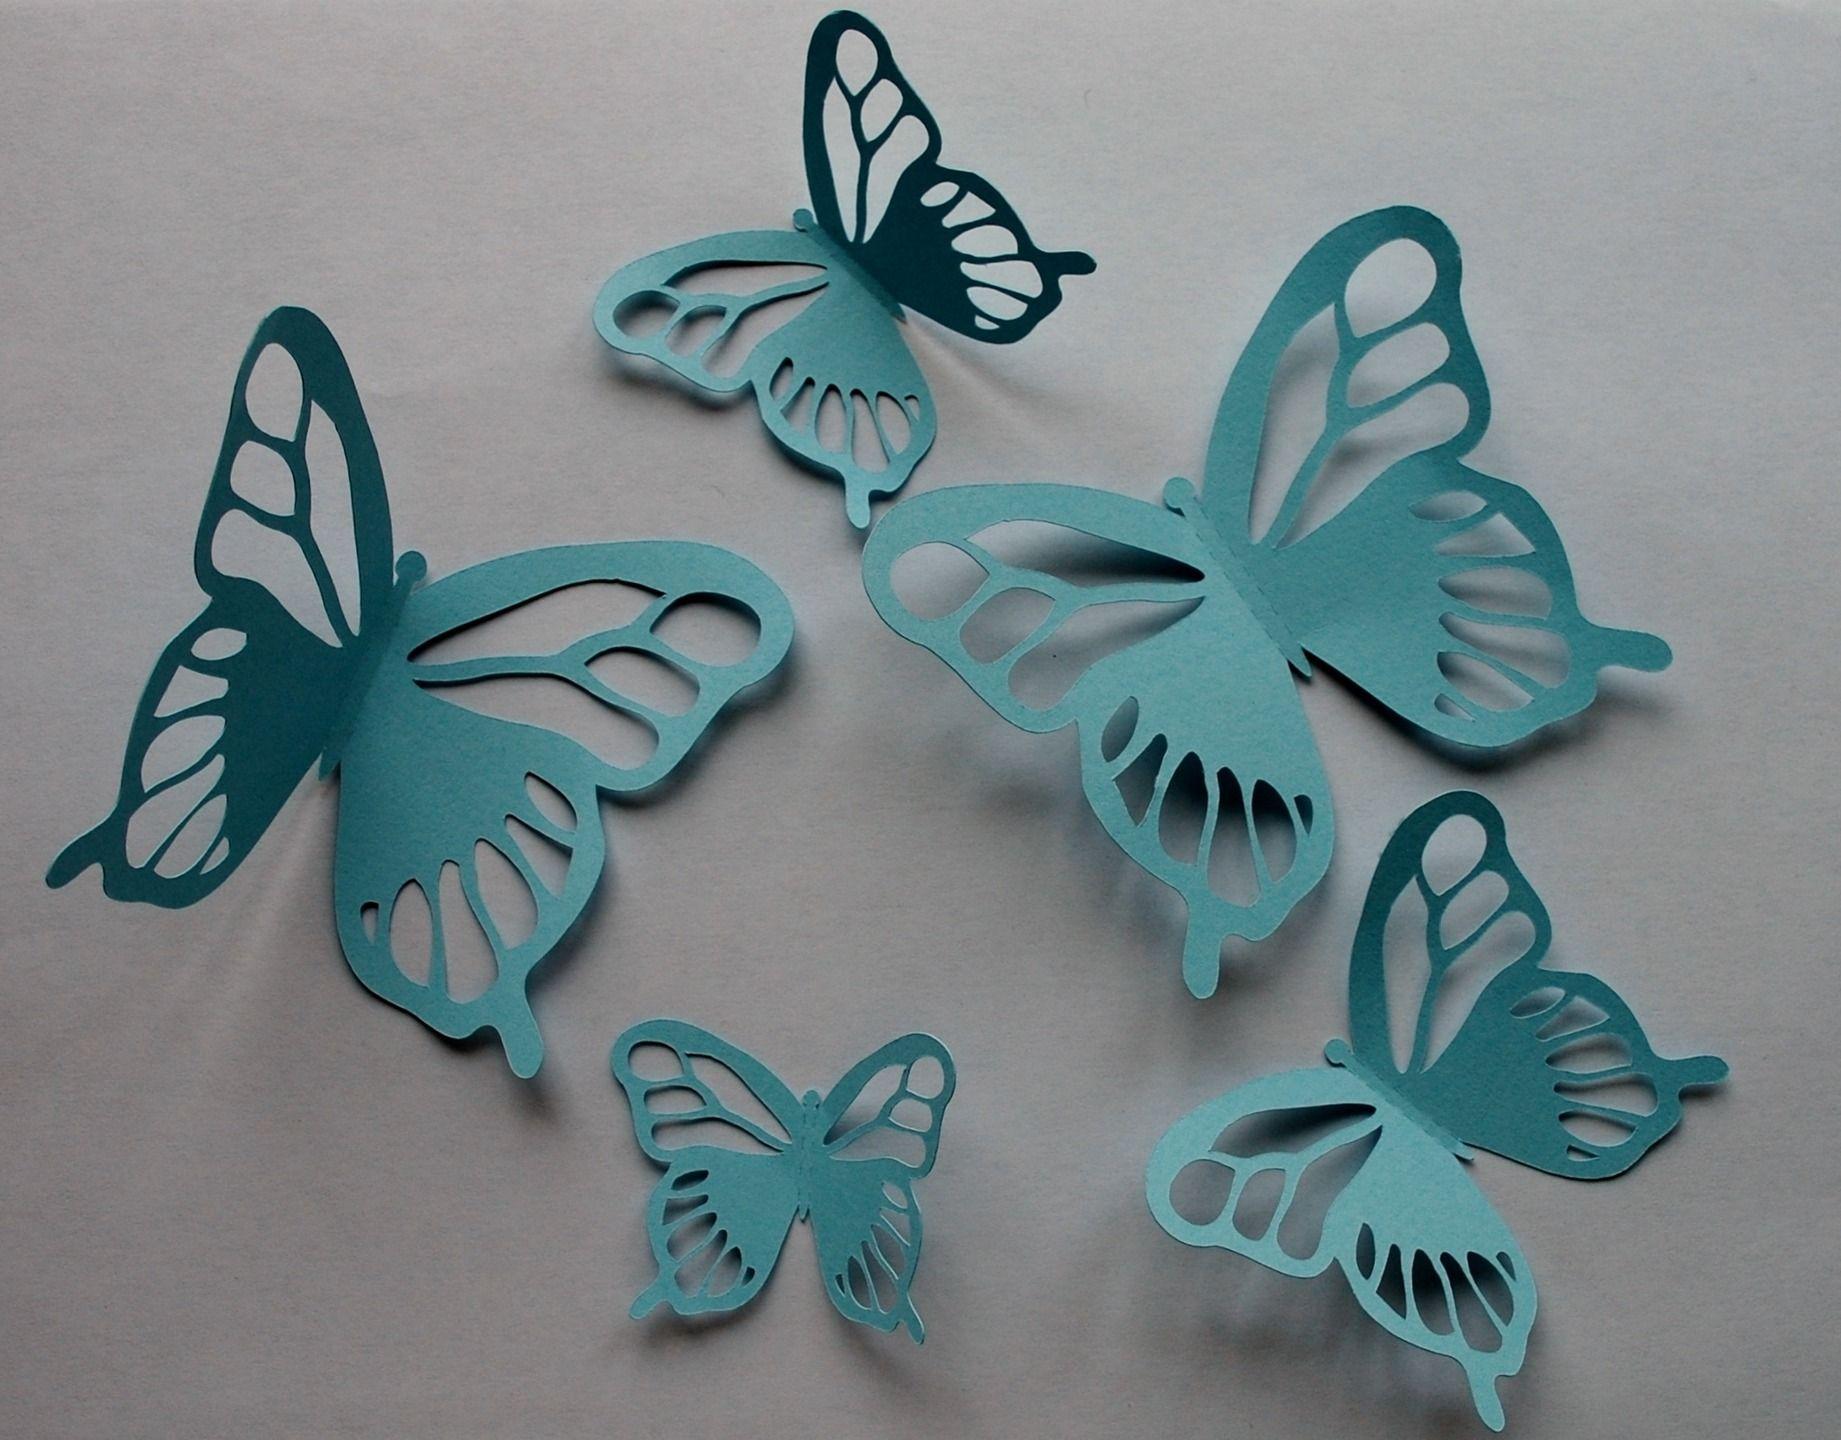 5 papillons en papier bleu pour d coration murale en 3d d corations murales par l amaranthe. Black Bedroom Furniture Sets. Home Design Ideas